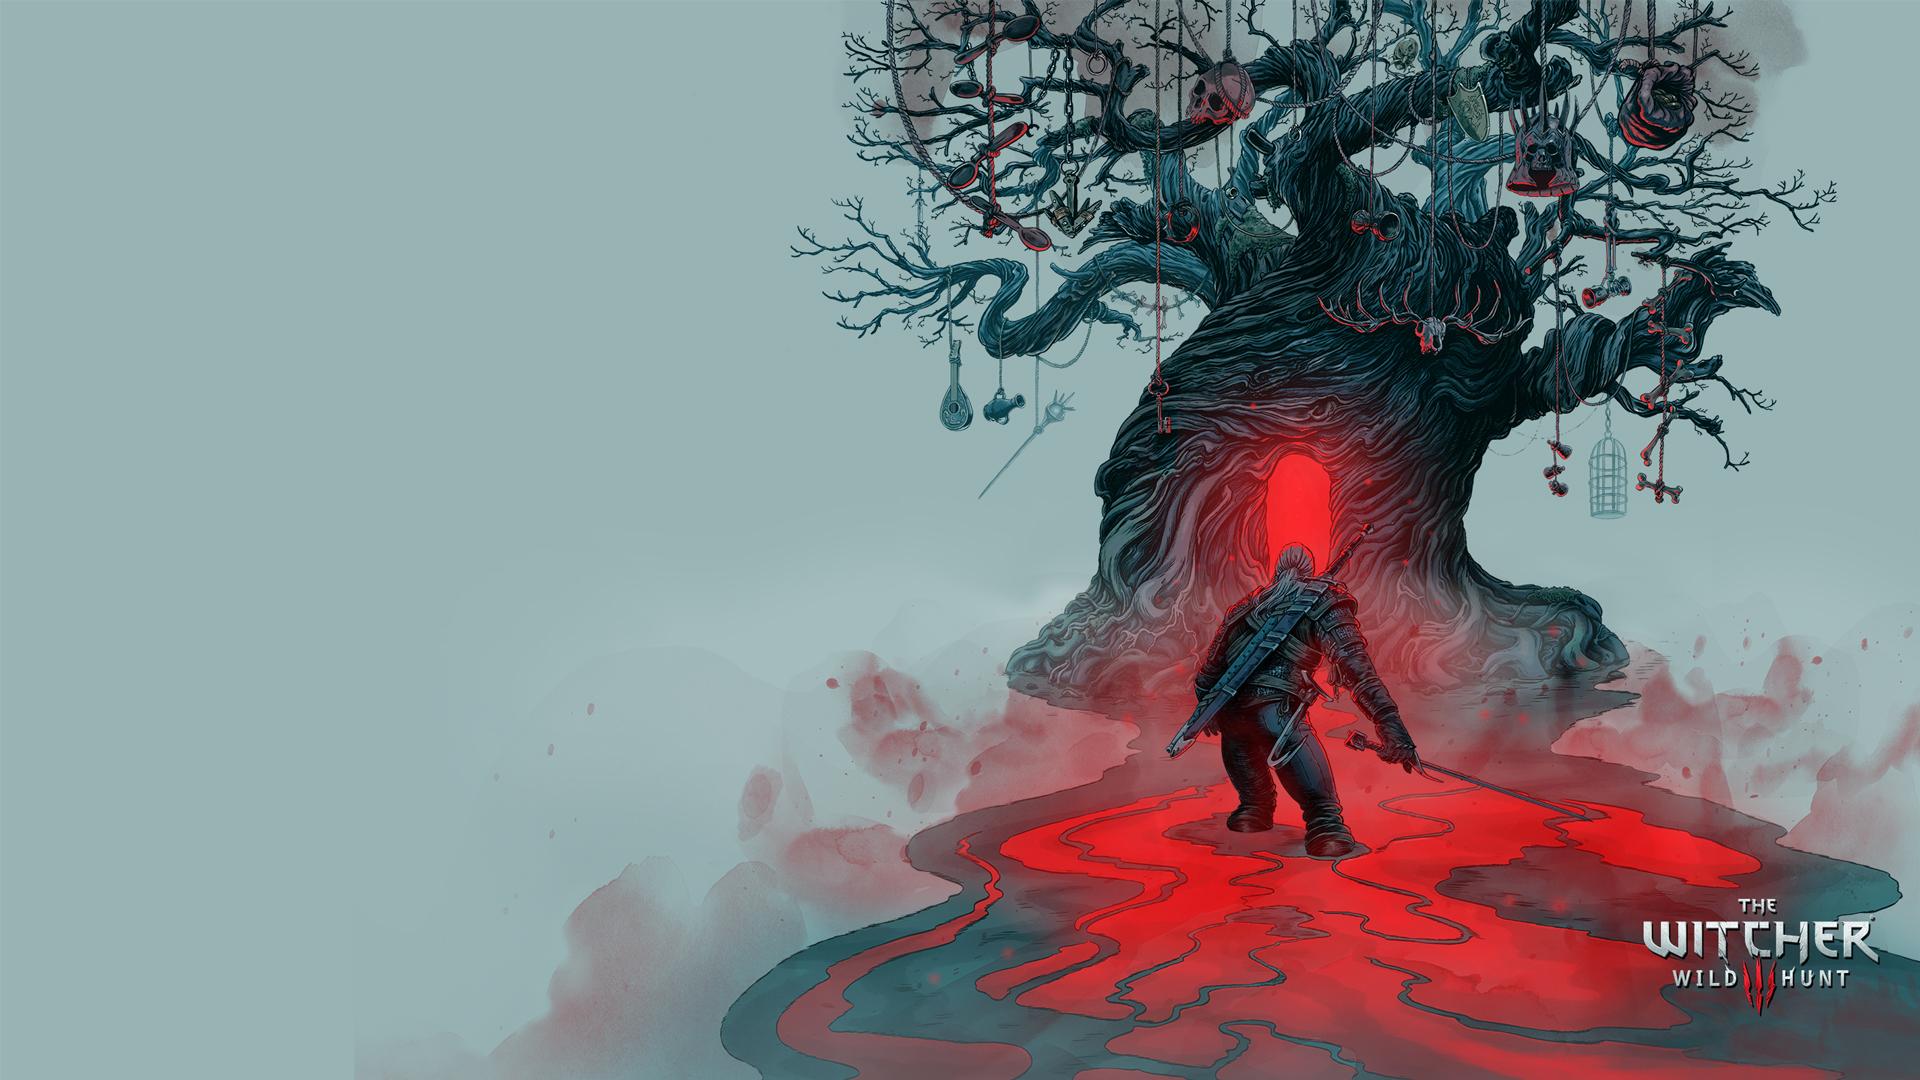 巫师3狂猎年度版高清壁纸